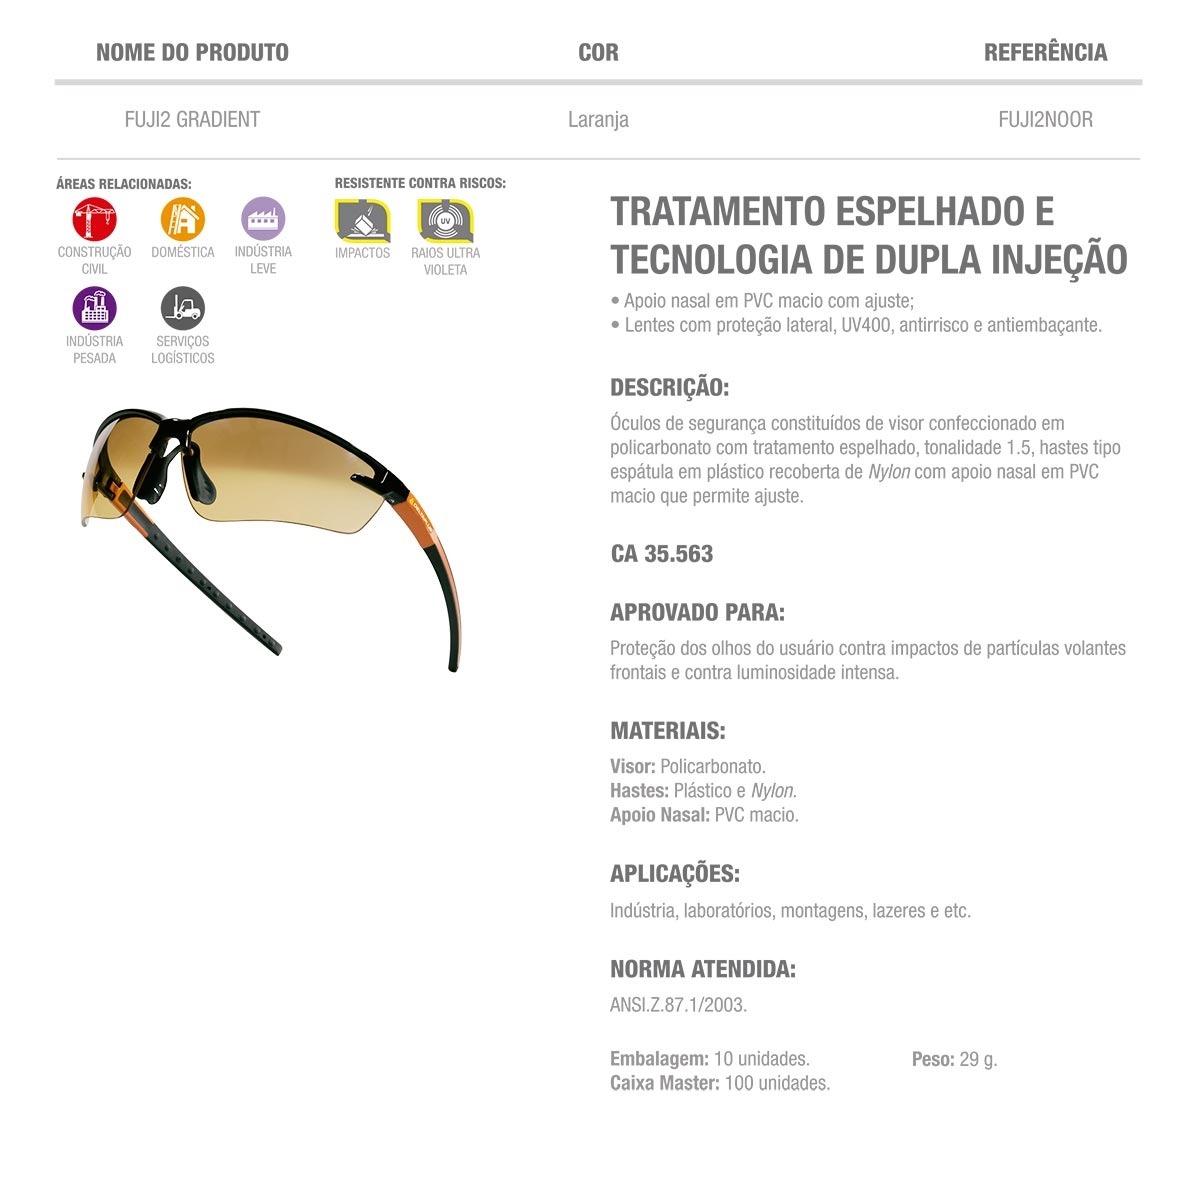 f9486f0ac41d9 Óculos De Proteção Delta Plus Fuji 2 Gradient - Ca 35.563 - R  63,77 ...